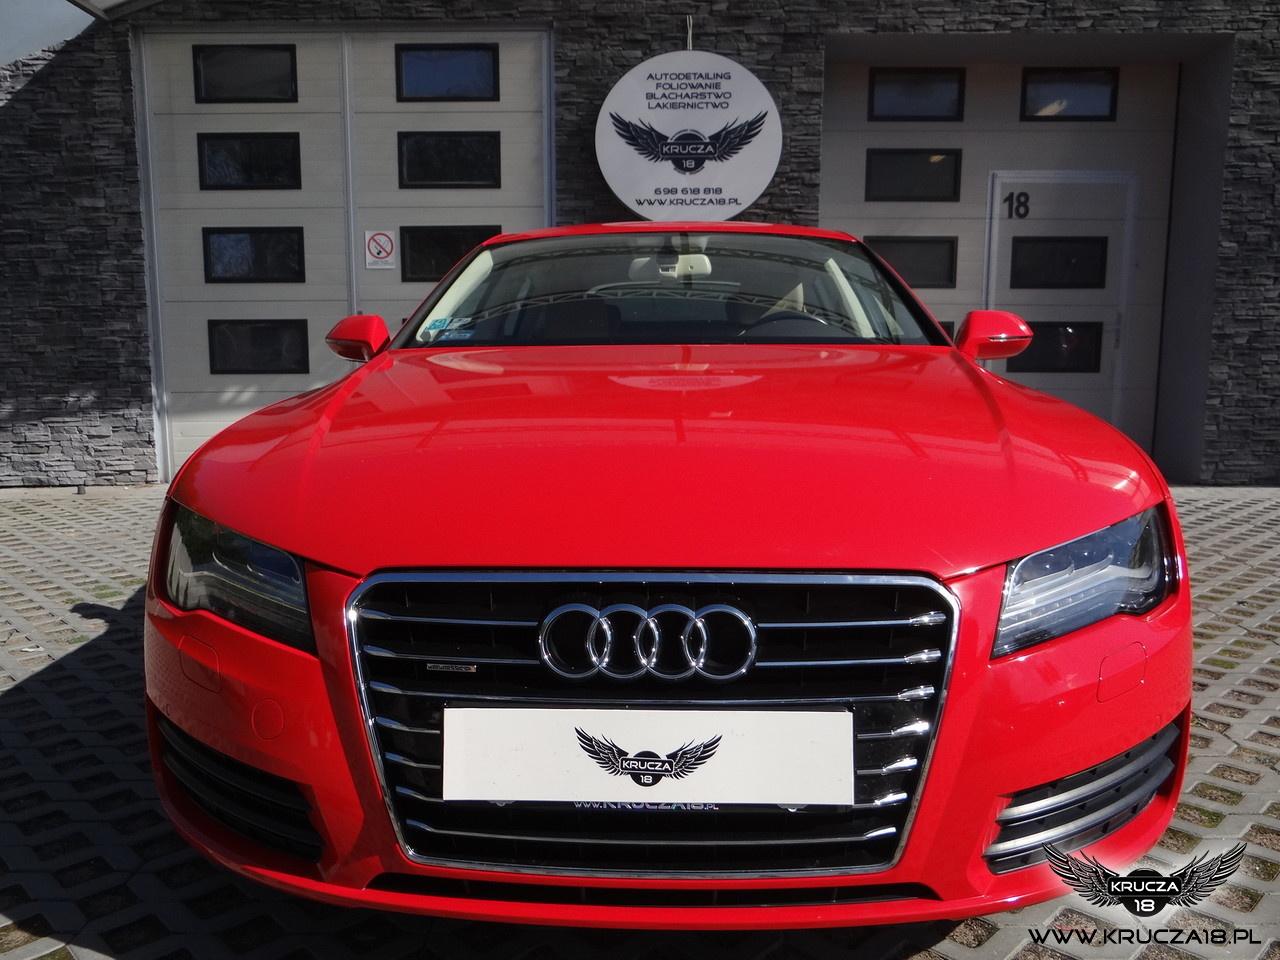 Audi A7 : zmiana koloru auta folią : czerwony połysk : oklejanie : Krucza18 : Osielsko : Bydgoszcz